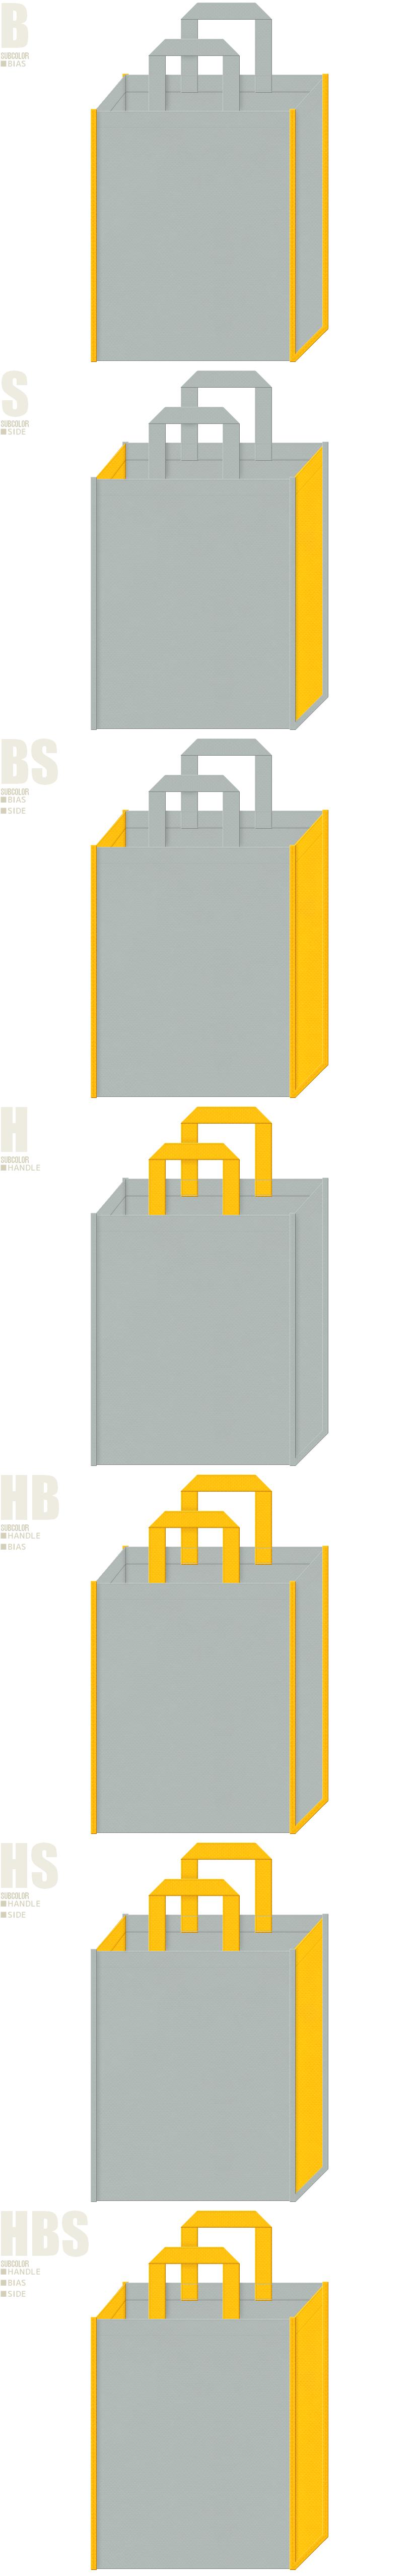 電気・通信・安全用品・ワーキングウェア・通信インフラ・照明器具・ロボットイベントにお奨めの不織布バッグのデザイン:グレー色と黄色の配色7パターン